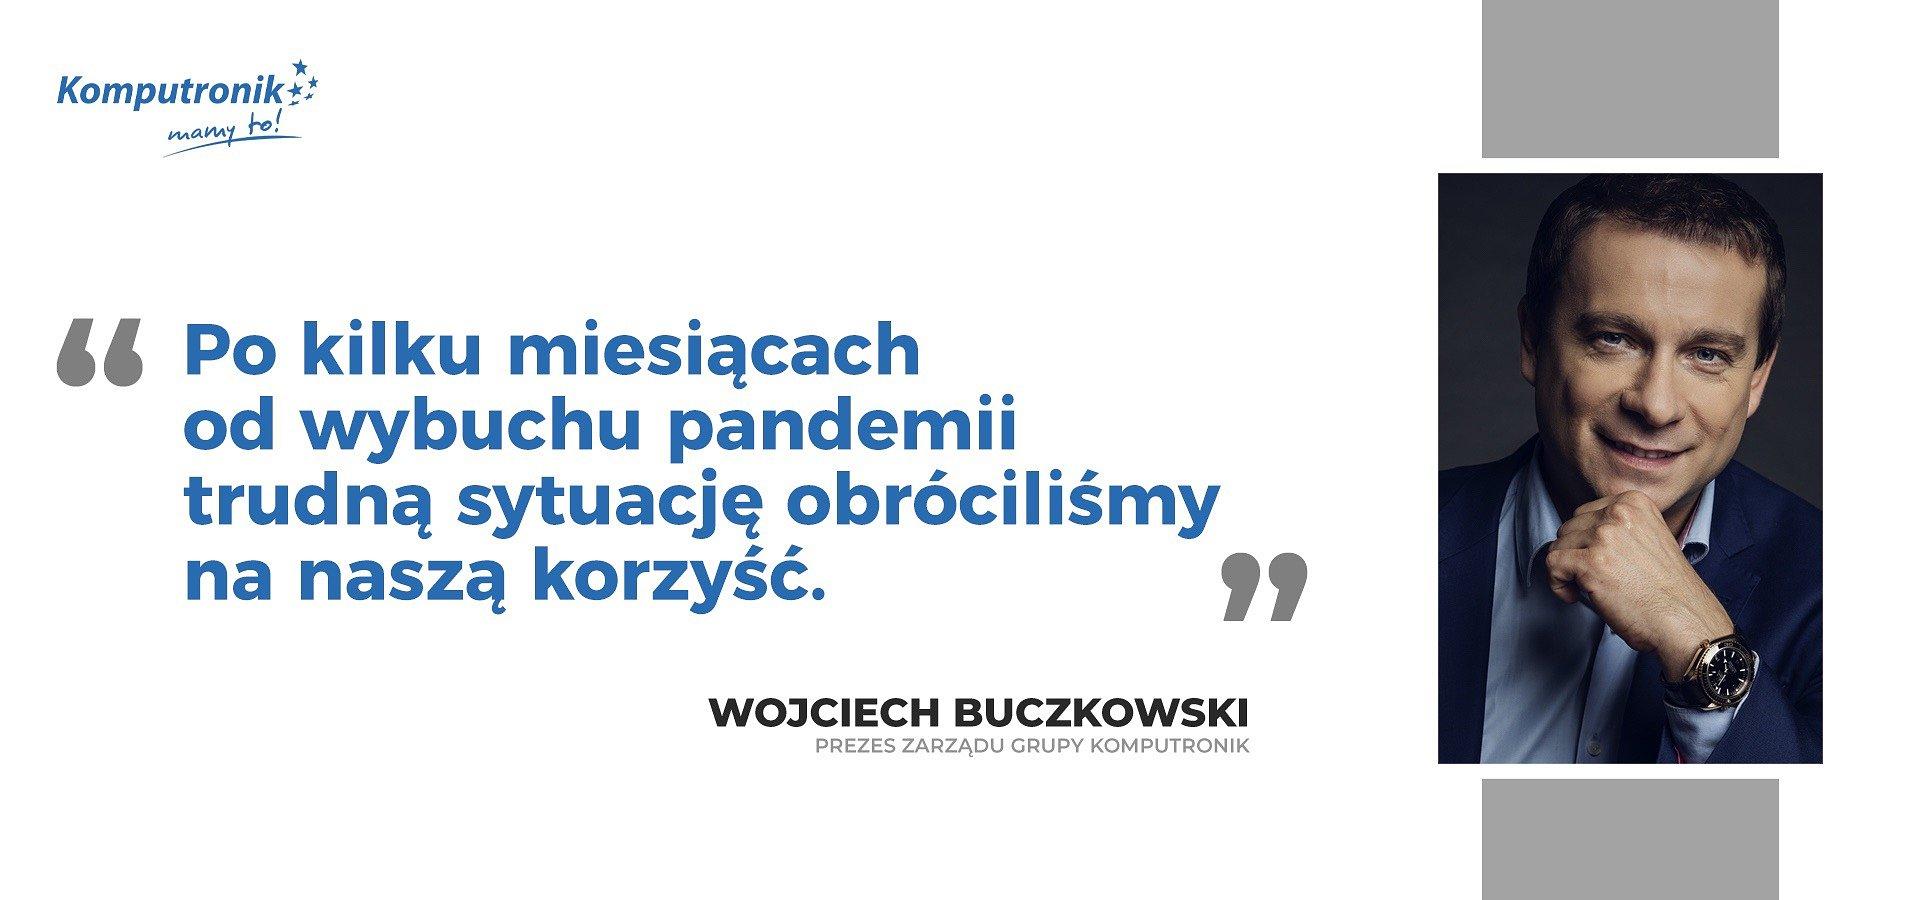 """Wojciech Buczkowski: """"Po kilku miesiącach od wybuchu pandemii trudną sytuację obróciliśmy na naszą korzyść"""""""